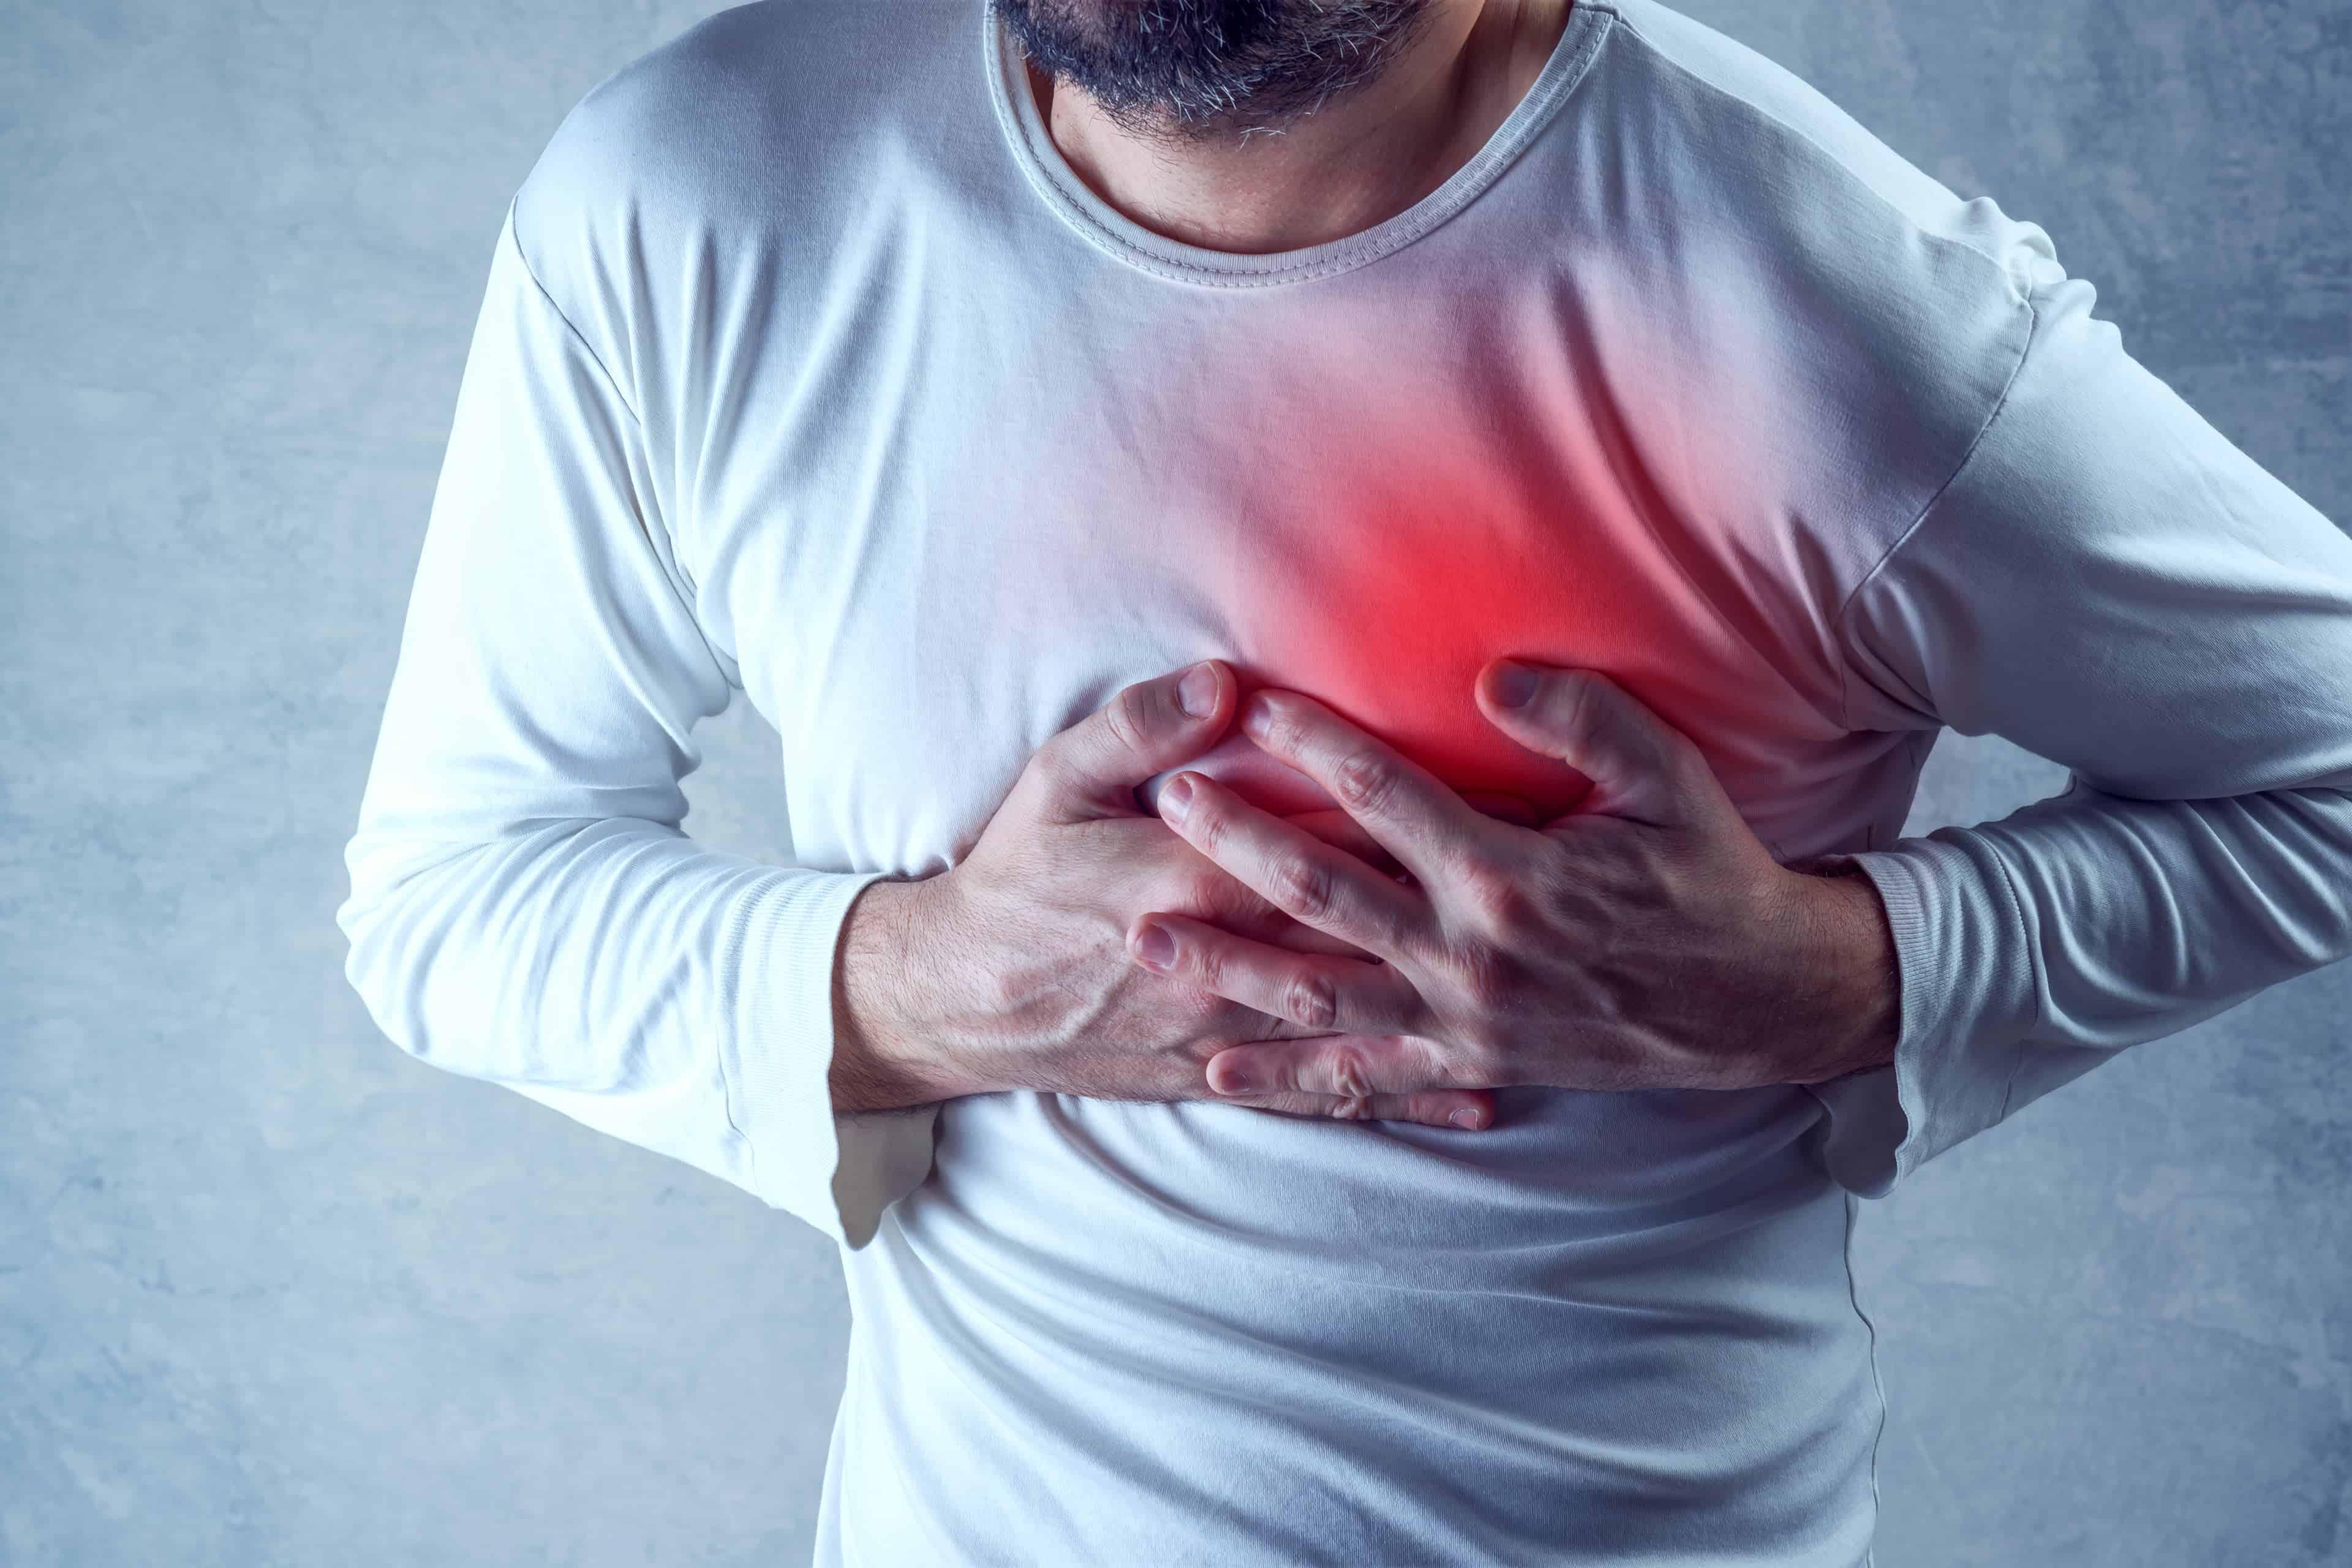 Profilaktyka wtórna choroby wieńcowej